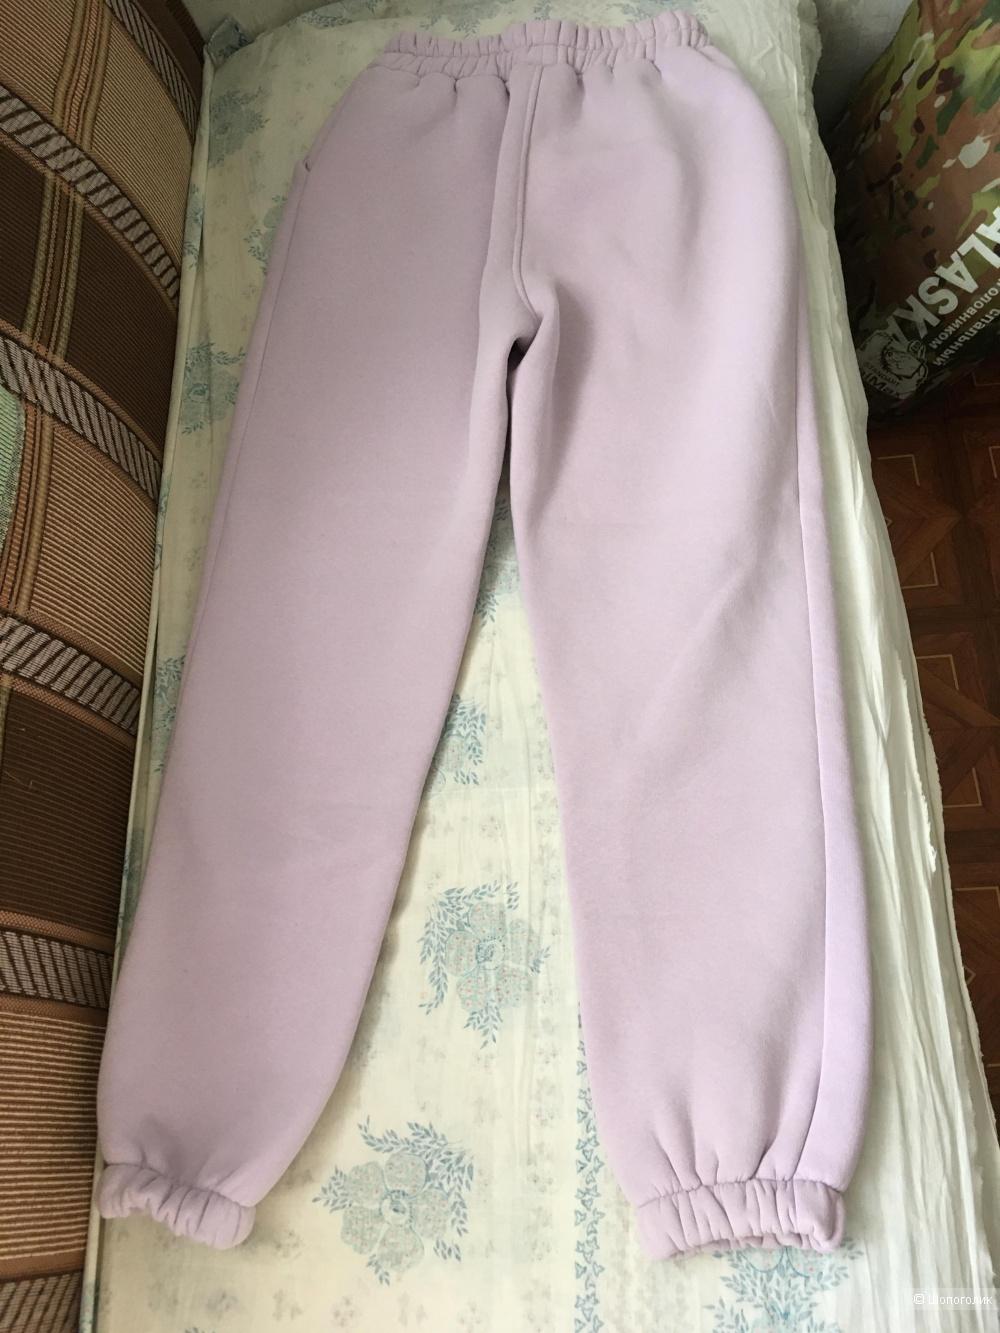 Хлопковые штаны no name размер 42-44